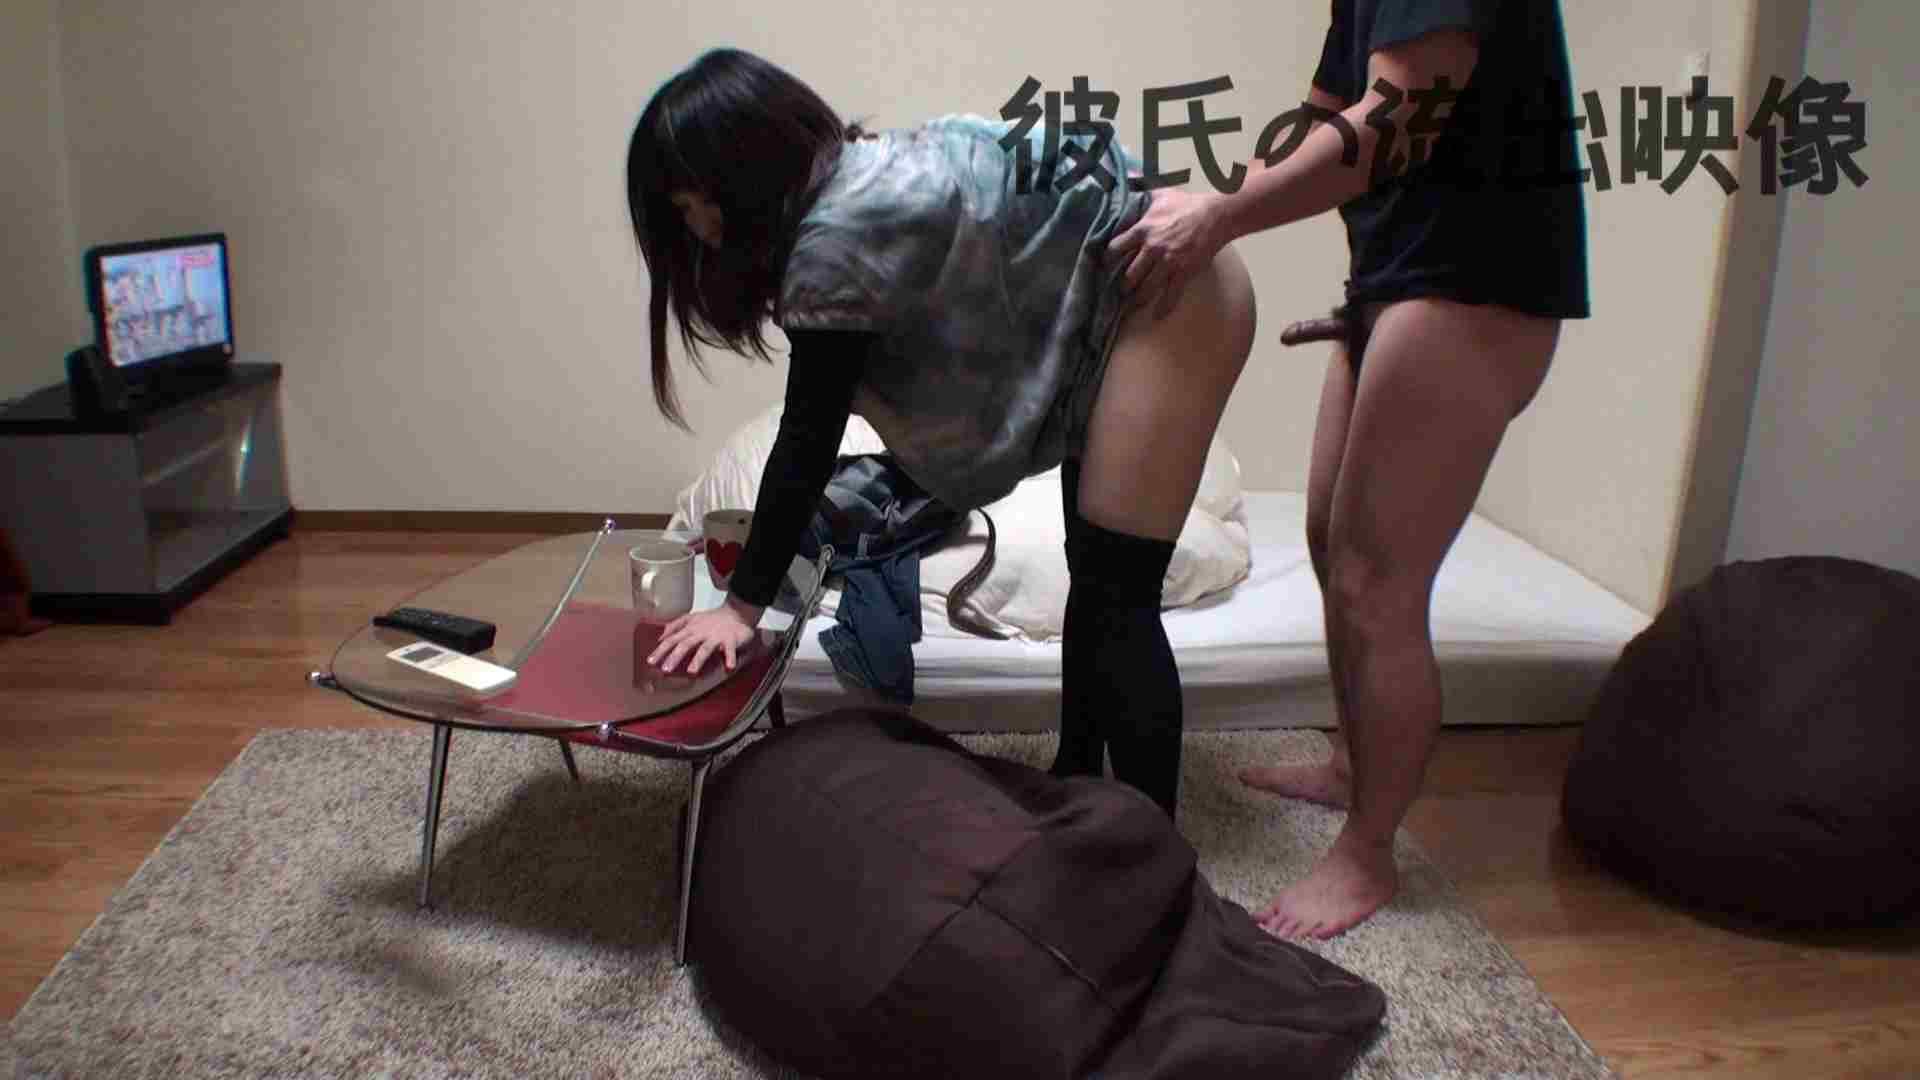 彼氏が流出 パイパン素人嬢のハメ撮り映像02 一般投稿 | ギャル達のSEX  61画像 41